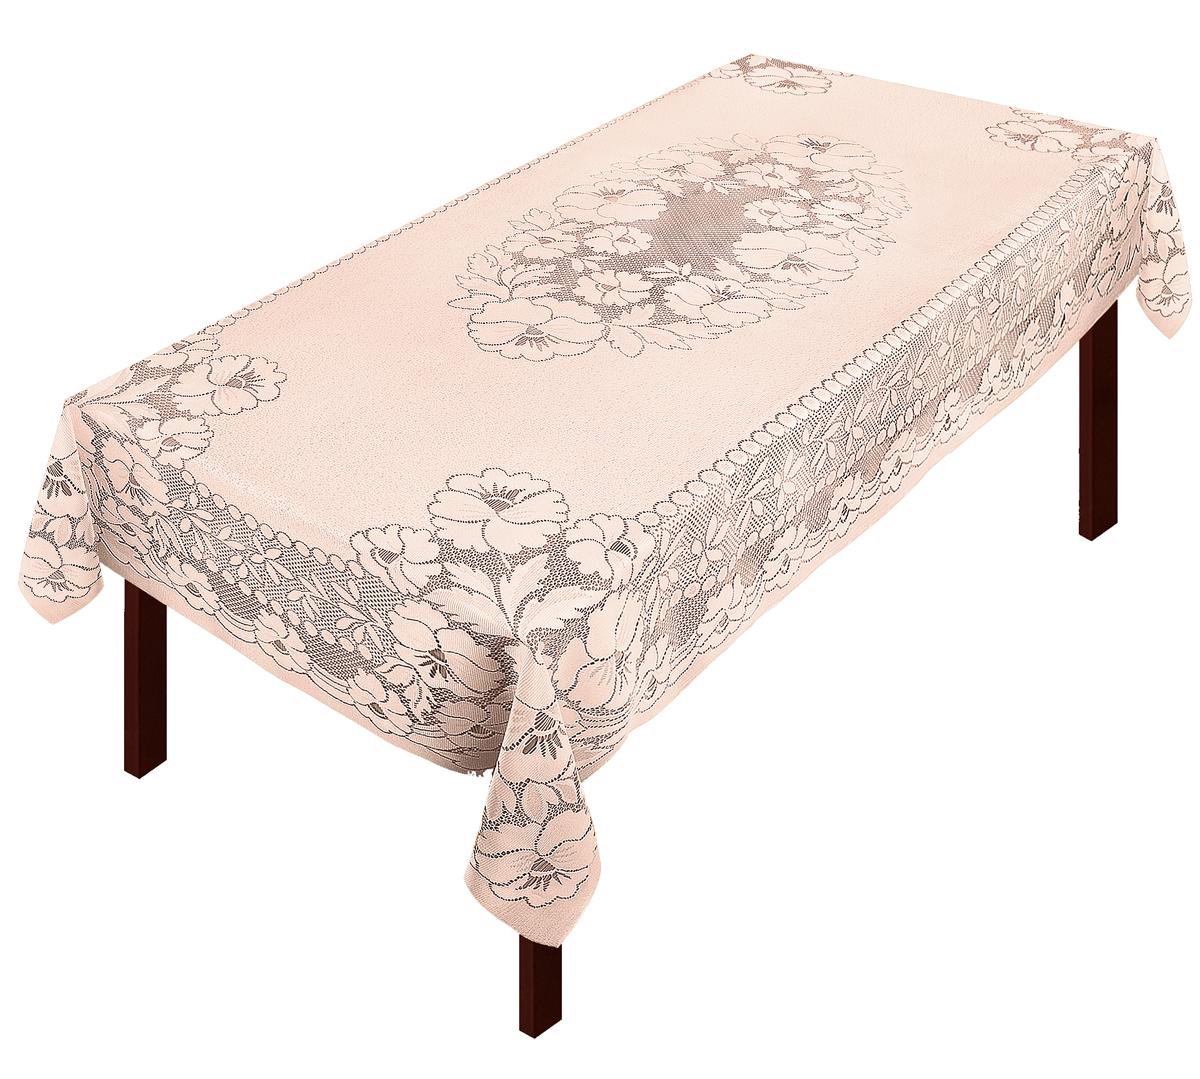 Скатерть Zlata Korunka, прямоугольная, цвет: бежевый, 250 х 150 см80037Скатерть выполнена из полиэстера жаккардового переплетения, не скользит со стола, легко стирается и прослужит Вам долгое время.